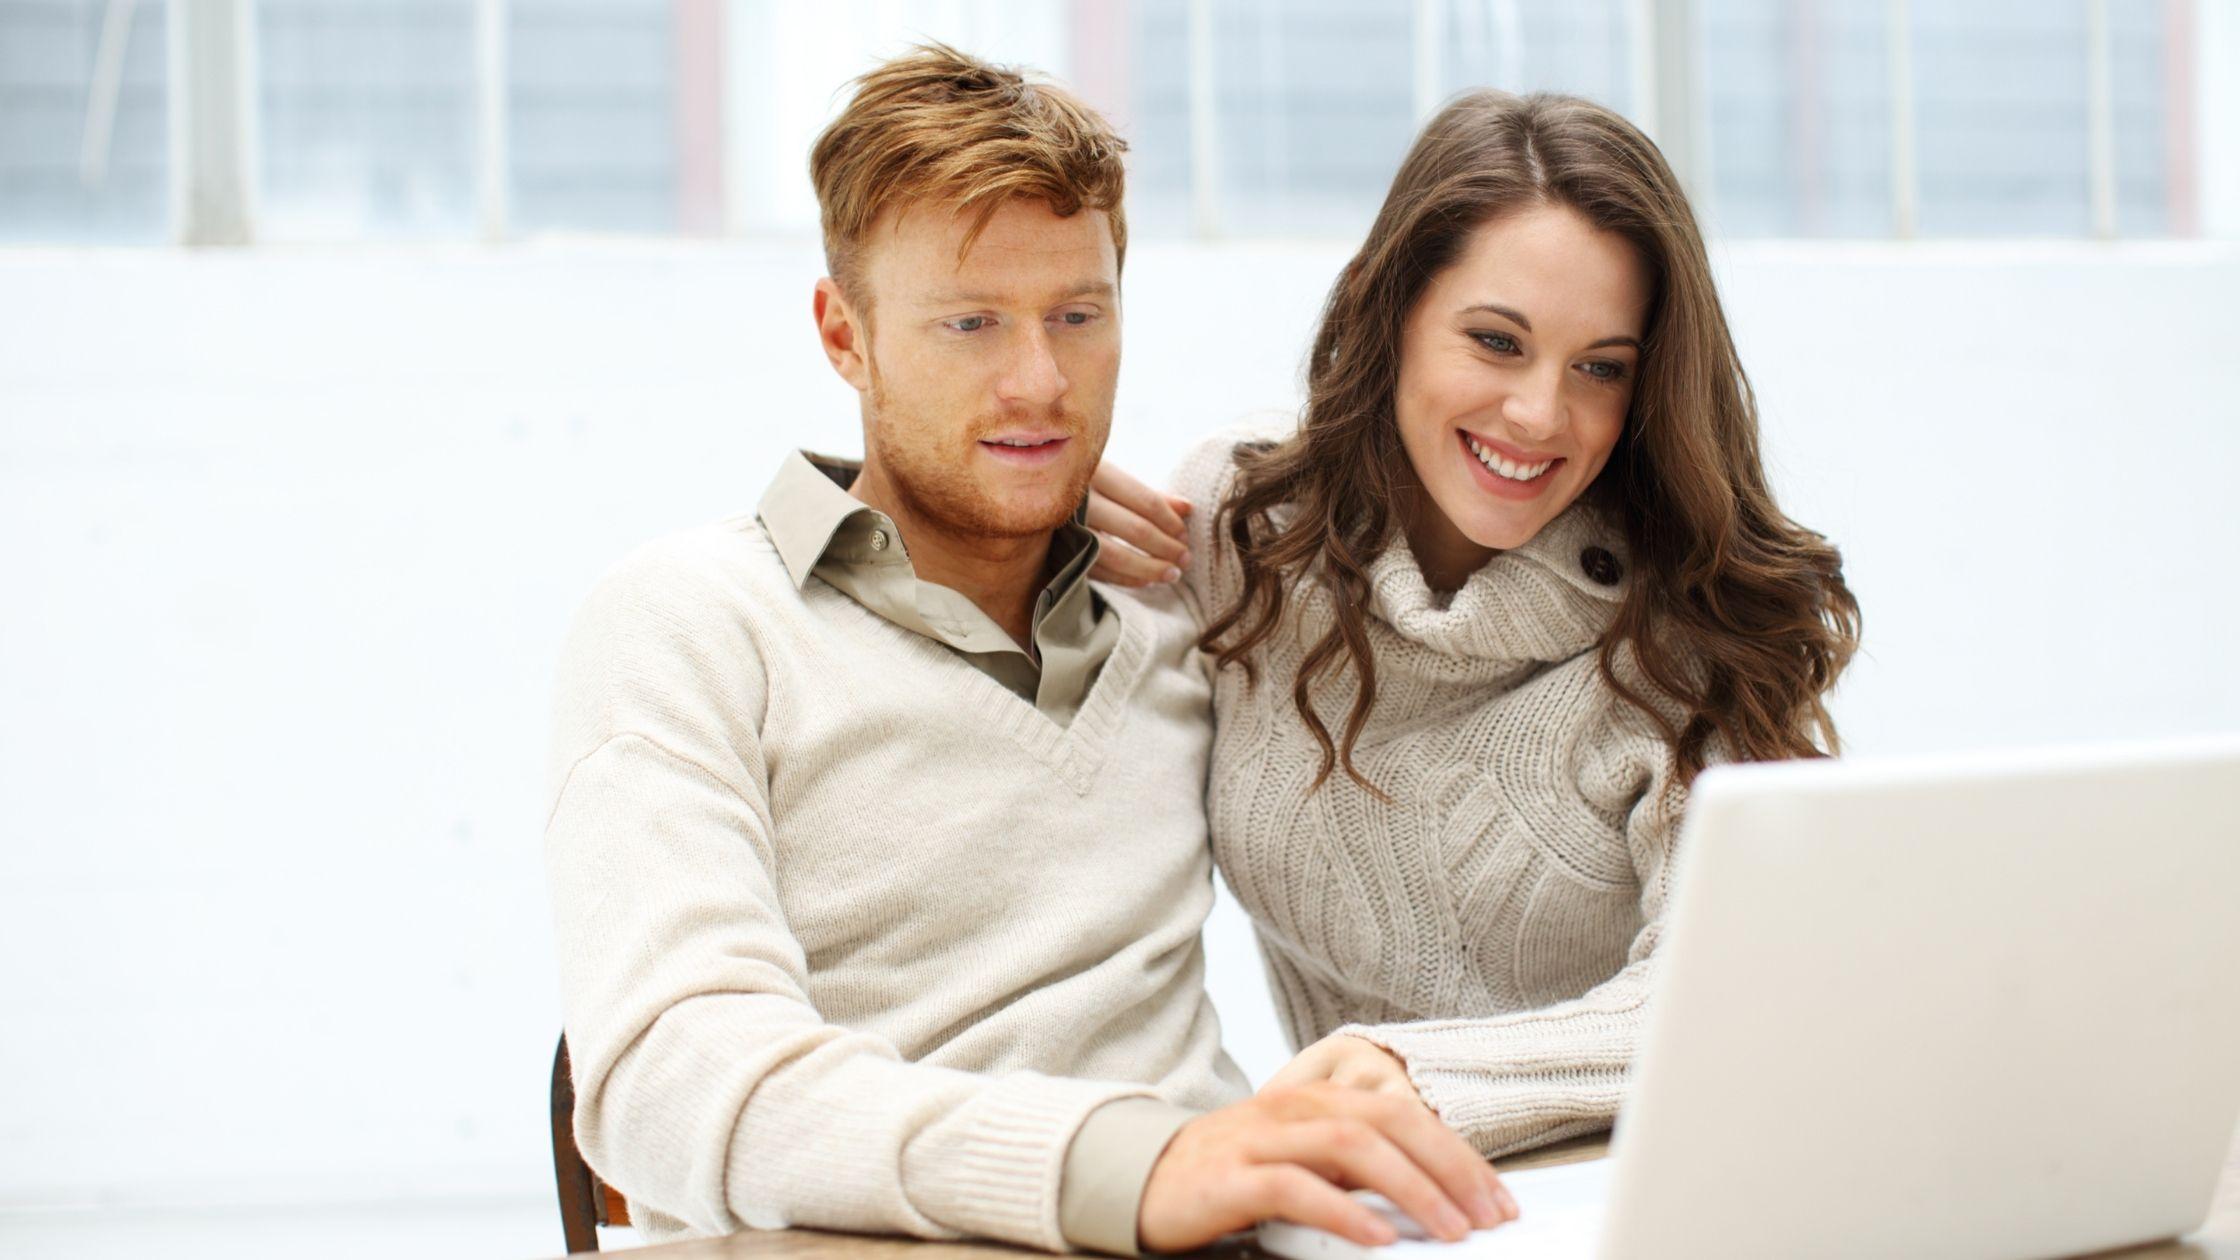 Como aumentar as vendas online. Imagem de um homem e mulher olhando para um portátil com sorrisos. O cara vestindo camisola branca com cabelo loiro enquanto a mulher com cabelo comprido e bonito de curvas vestindo camisola de gola alta cinzenta.